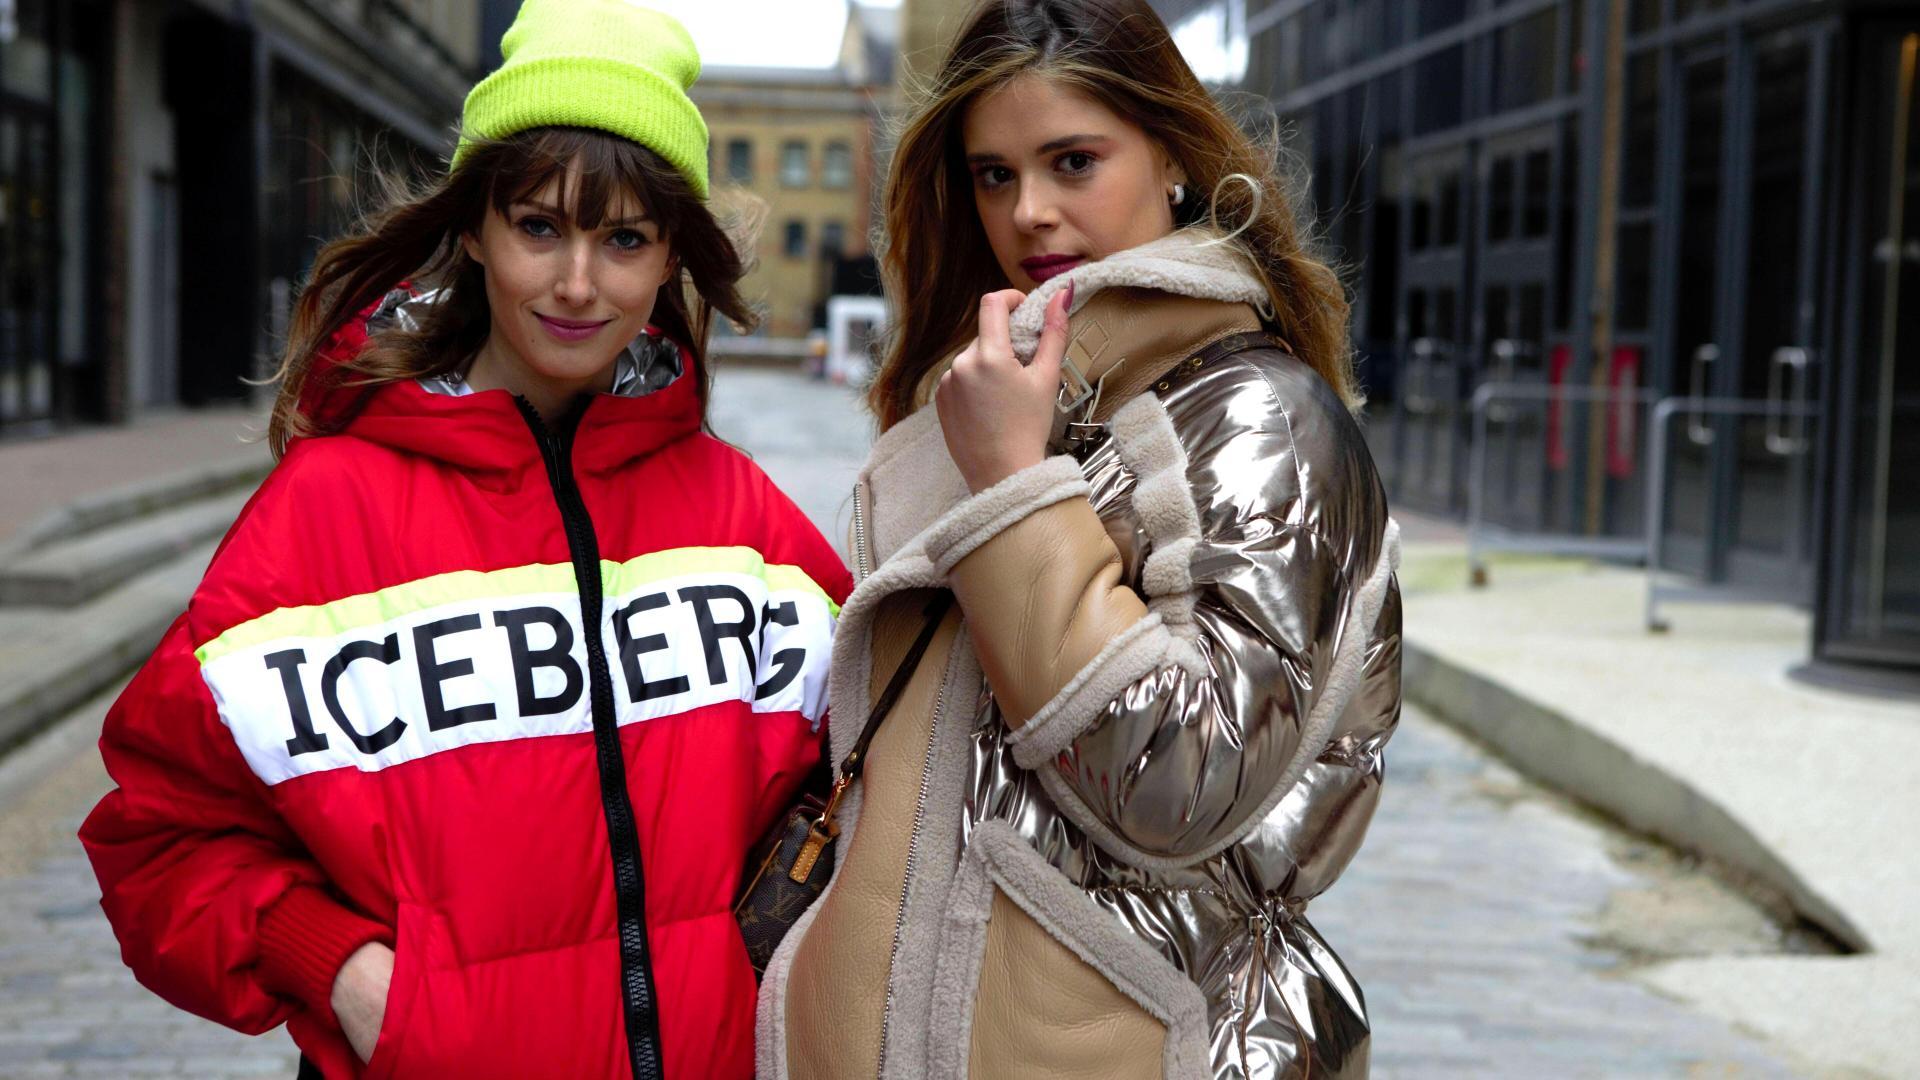 Frauen stylisch auf der Straße